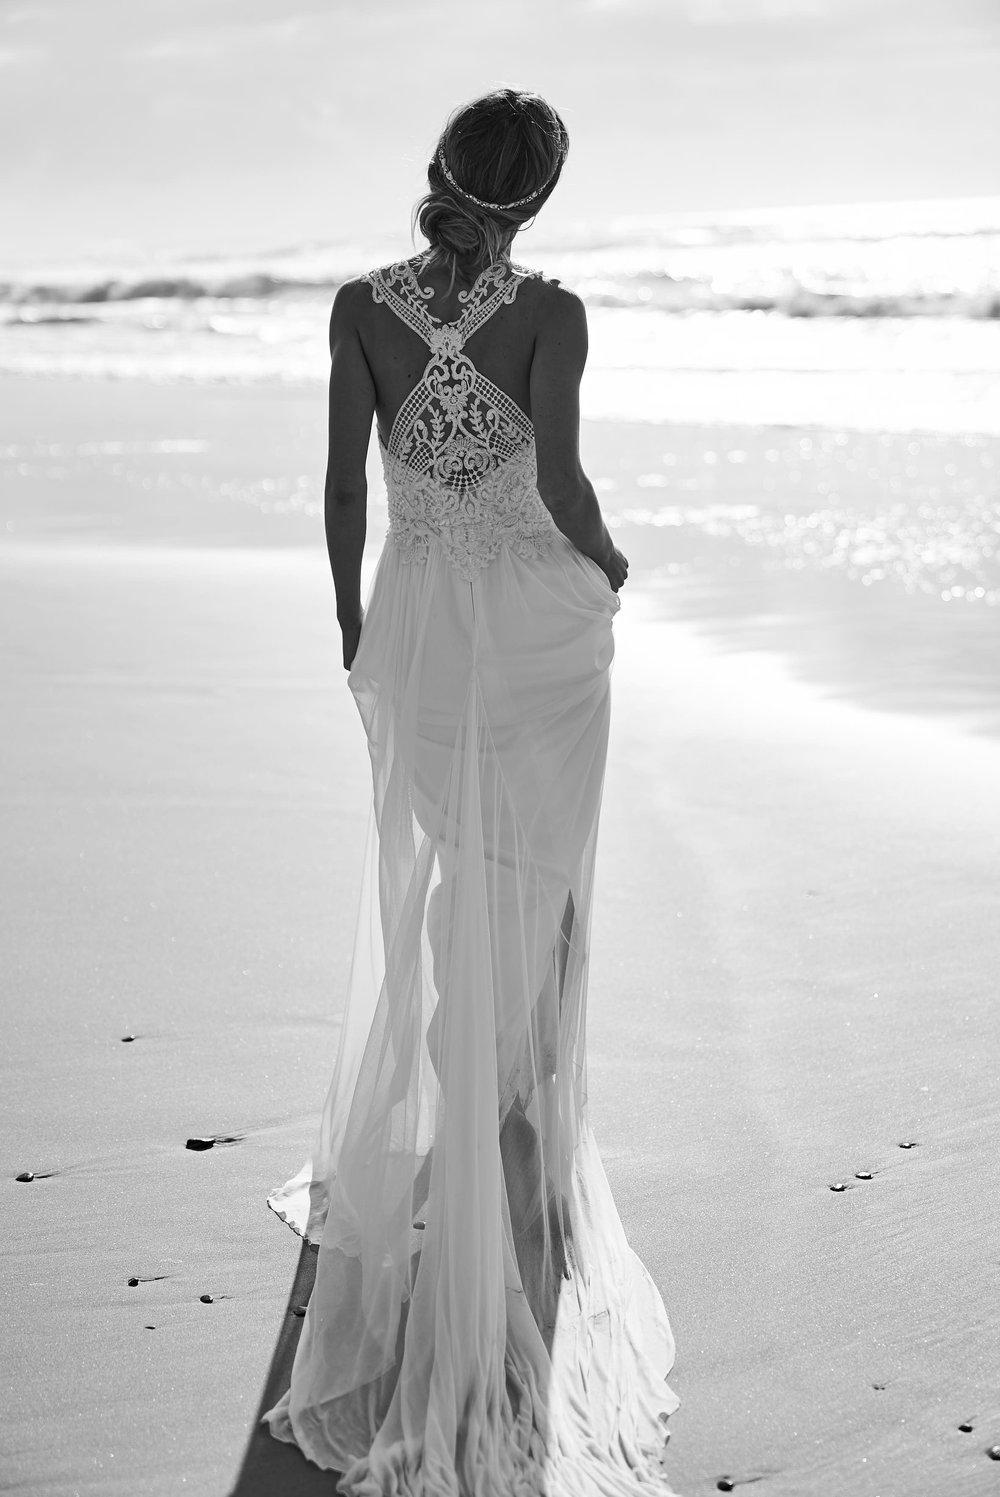 https://www.annacampbell.com.au/winter-dress